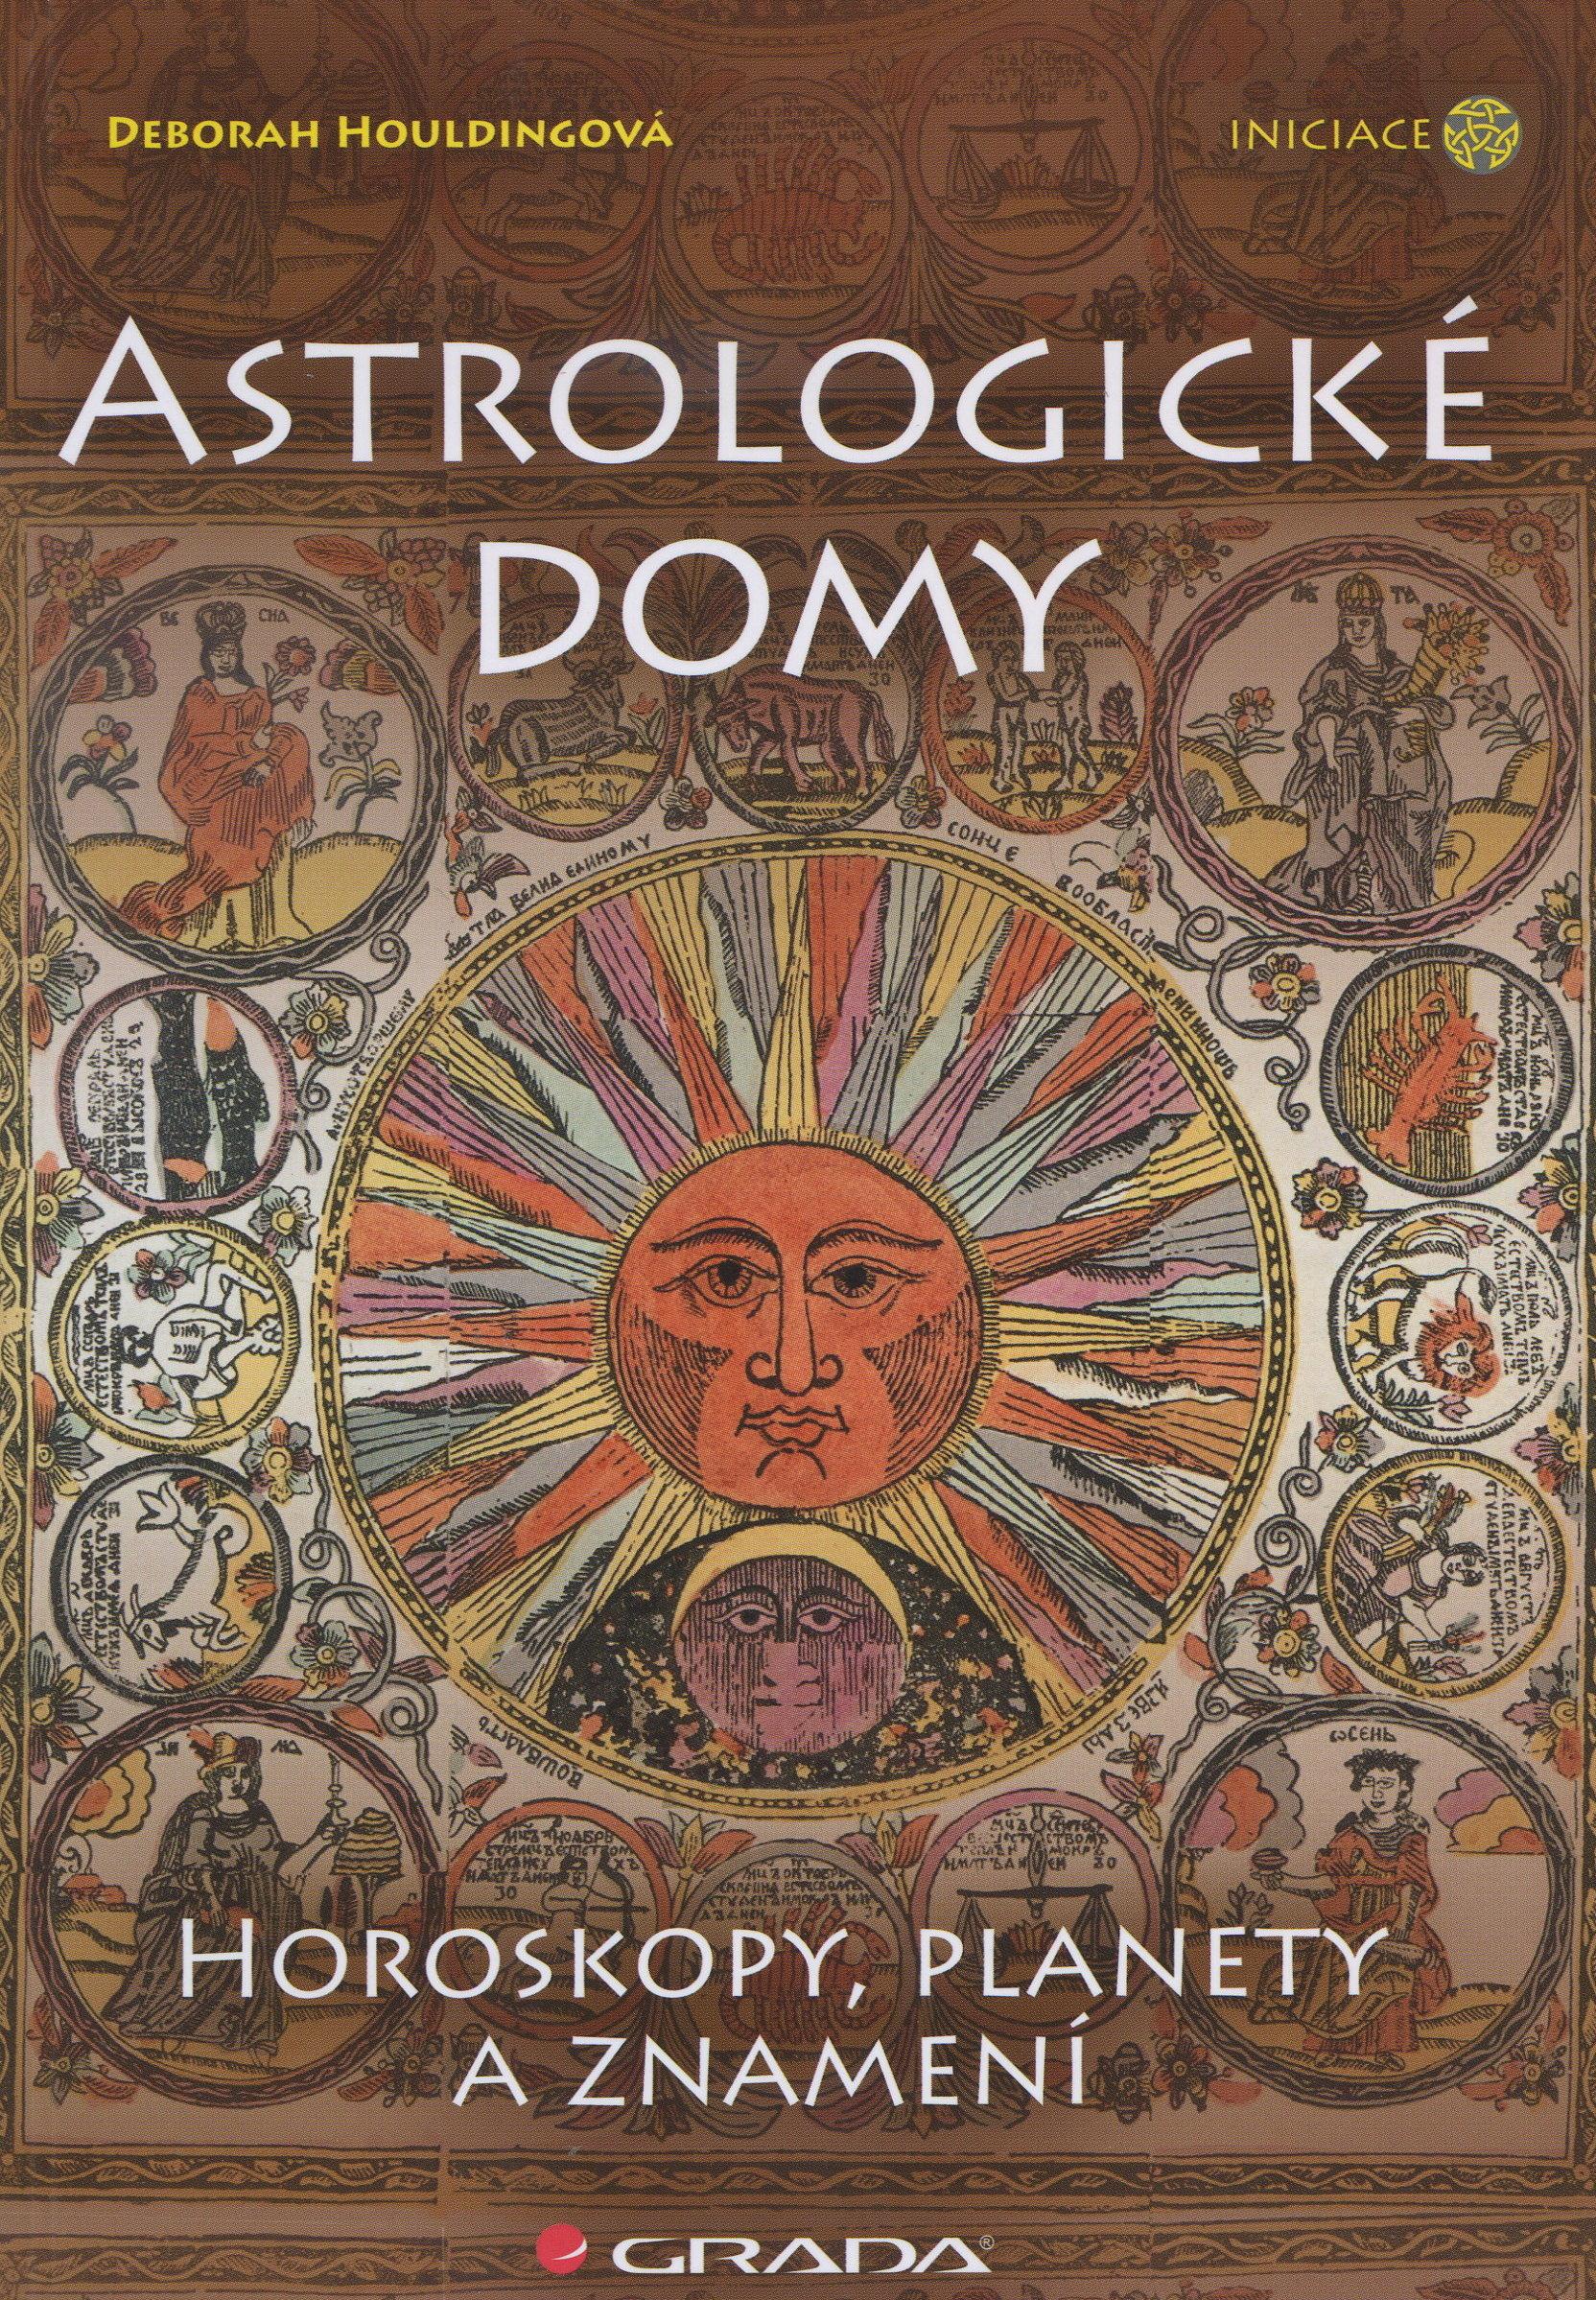 Astrologické domy - horoskopy,planety a znamení